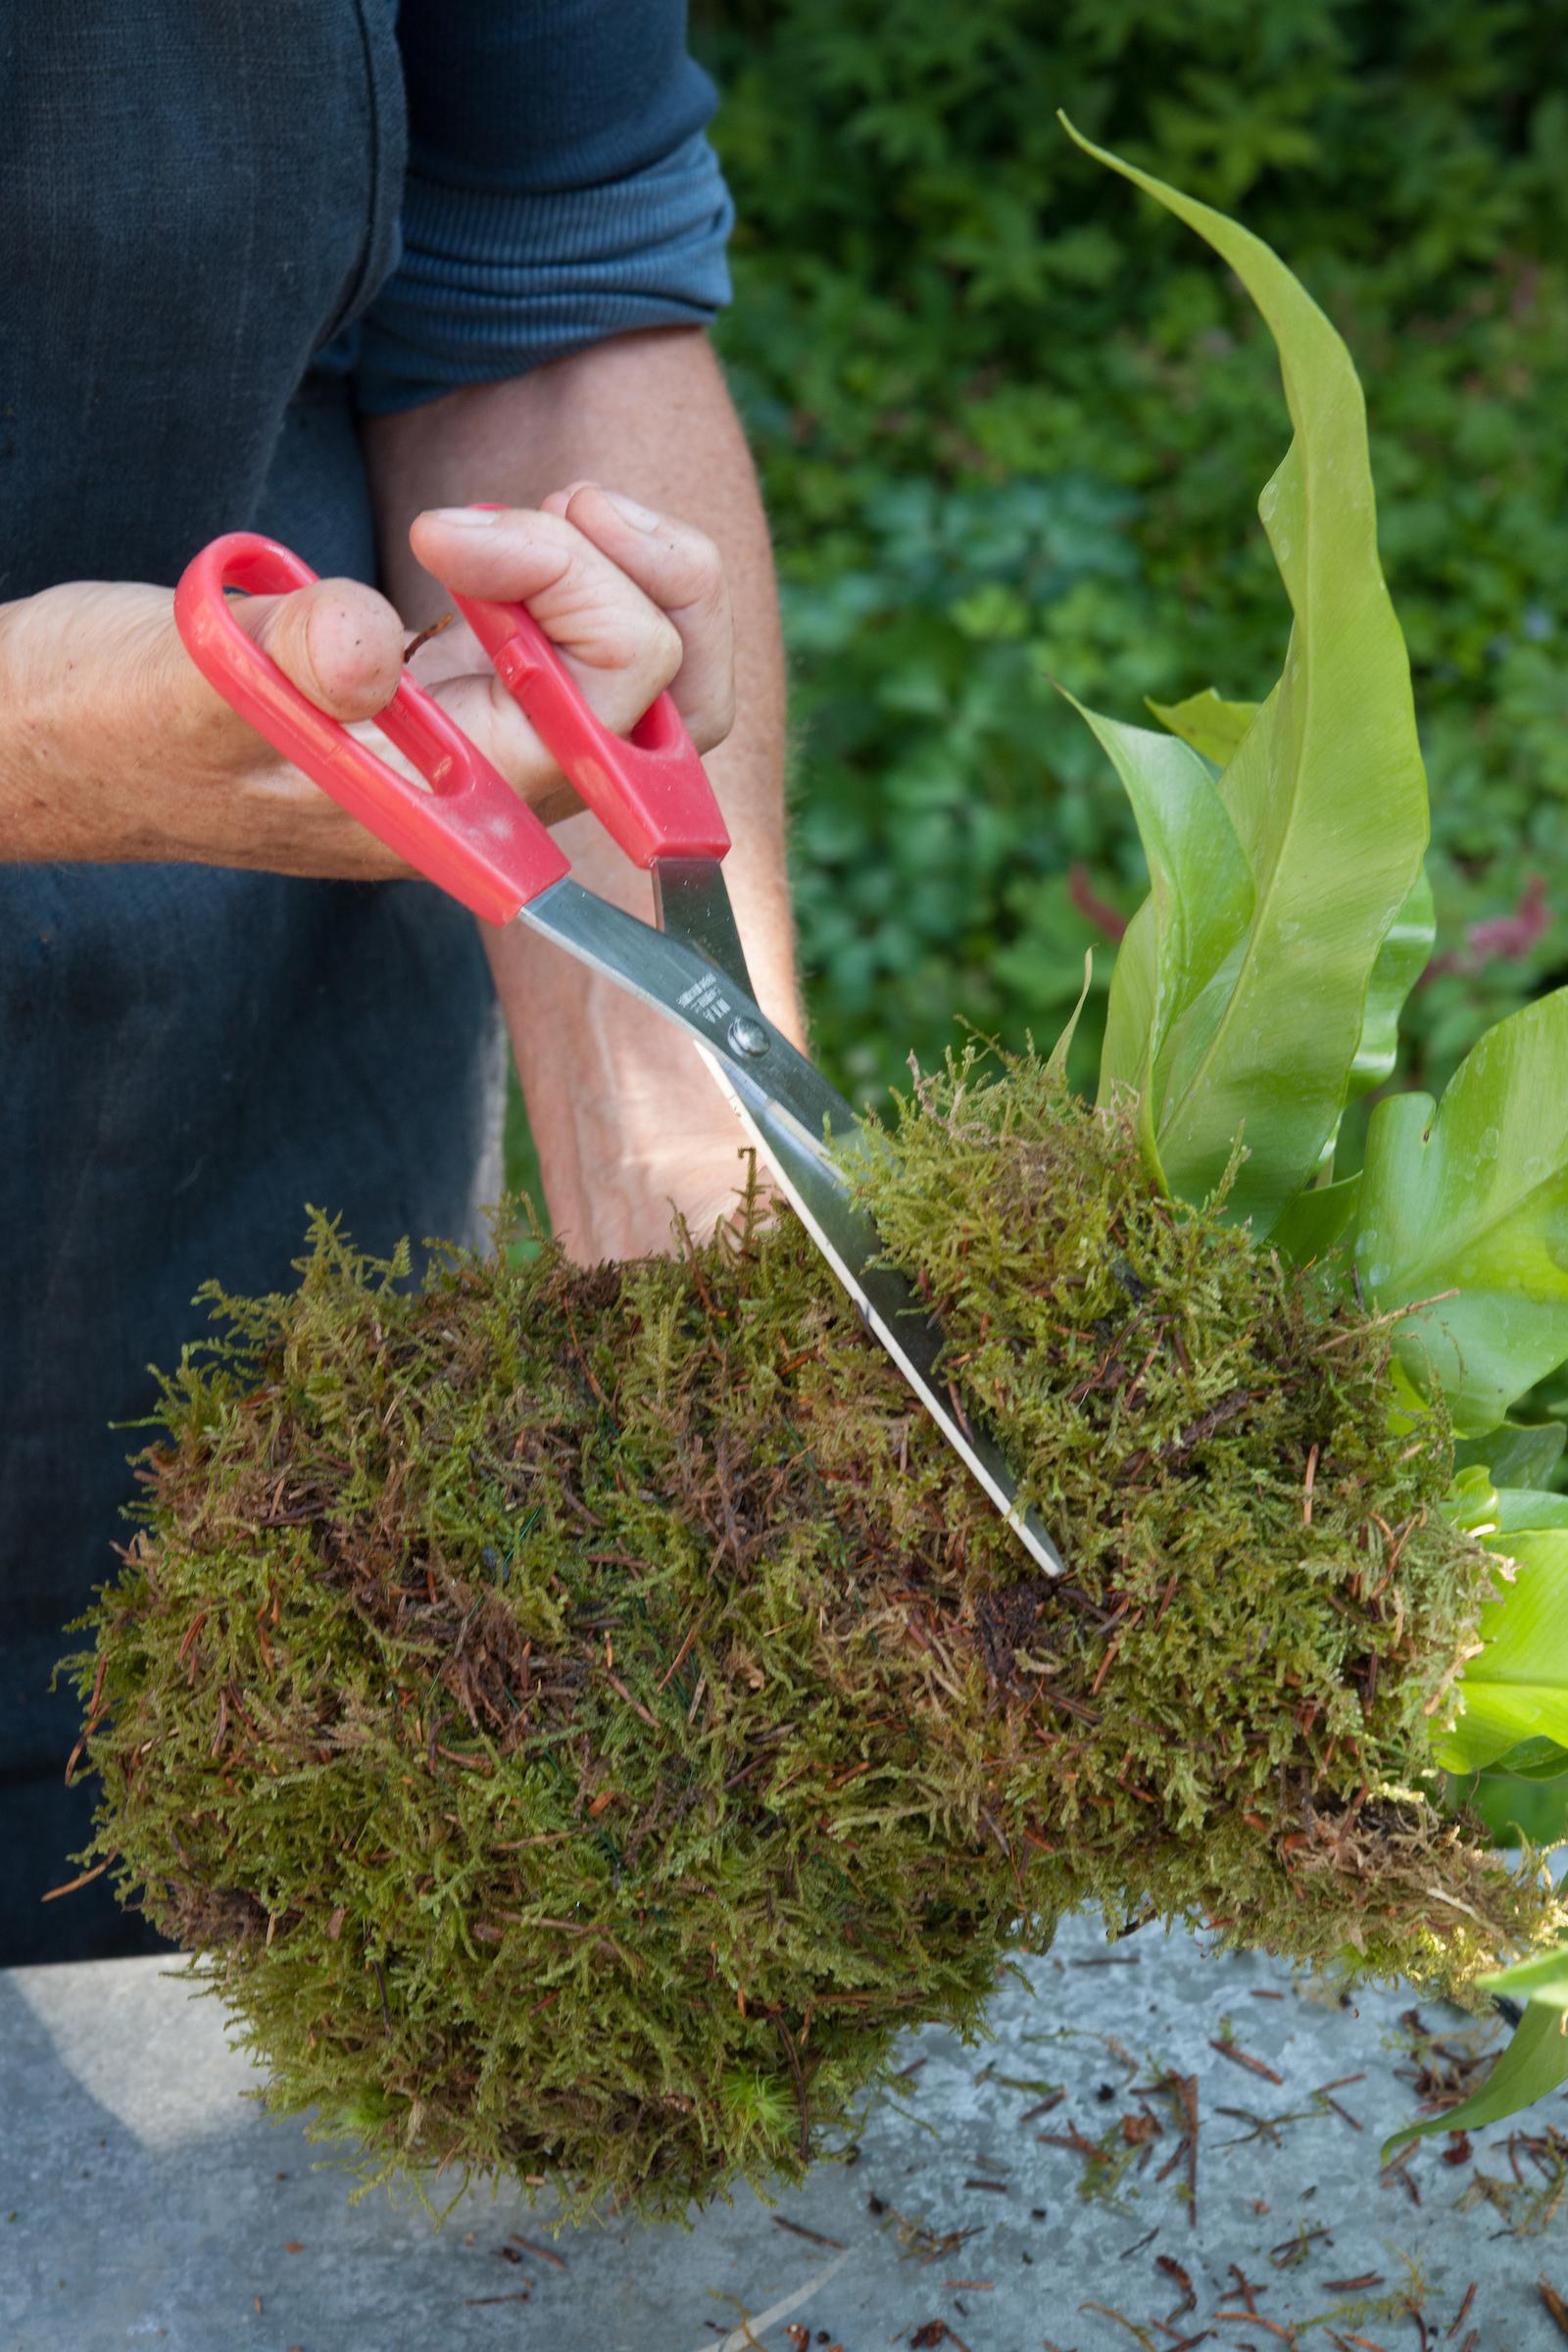 Trim the excess moss (Nicholas Hodgson/PA)